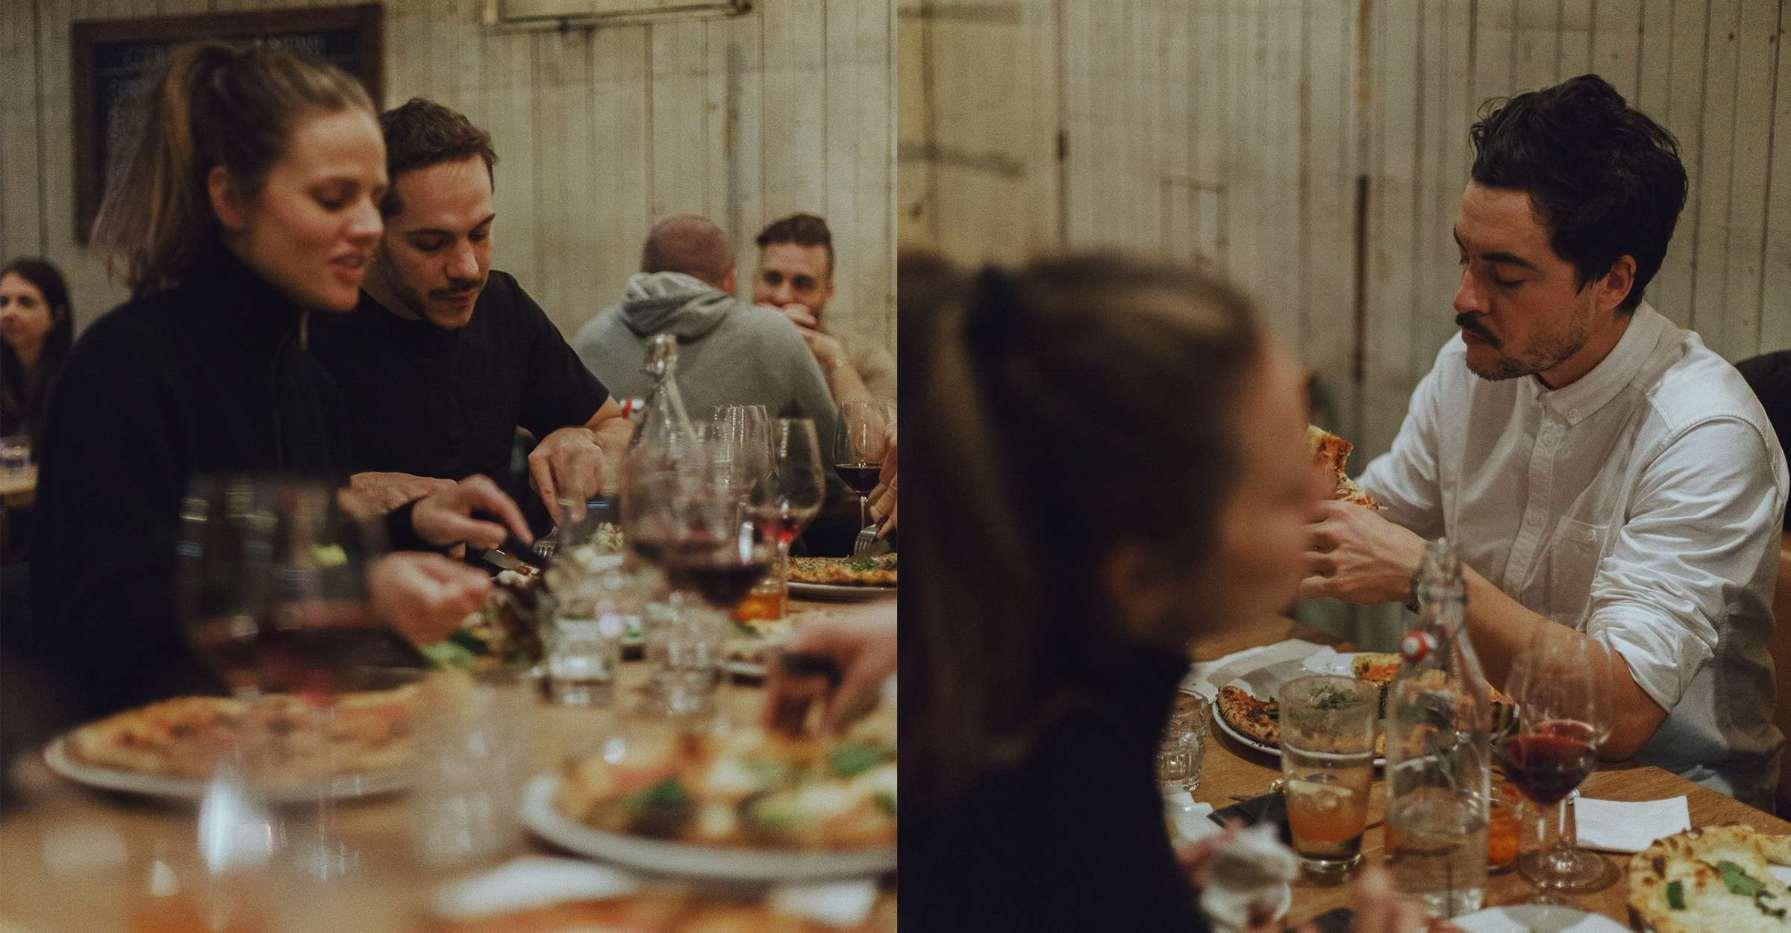 The Vallier team met up with Geoffroy's entourage at Gema's Pizzeria.